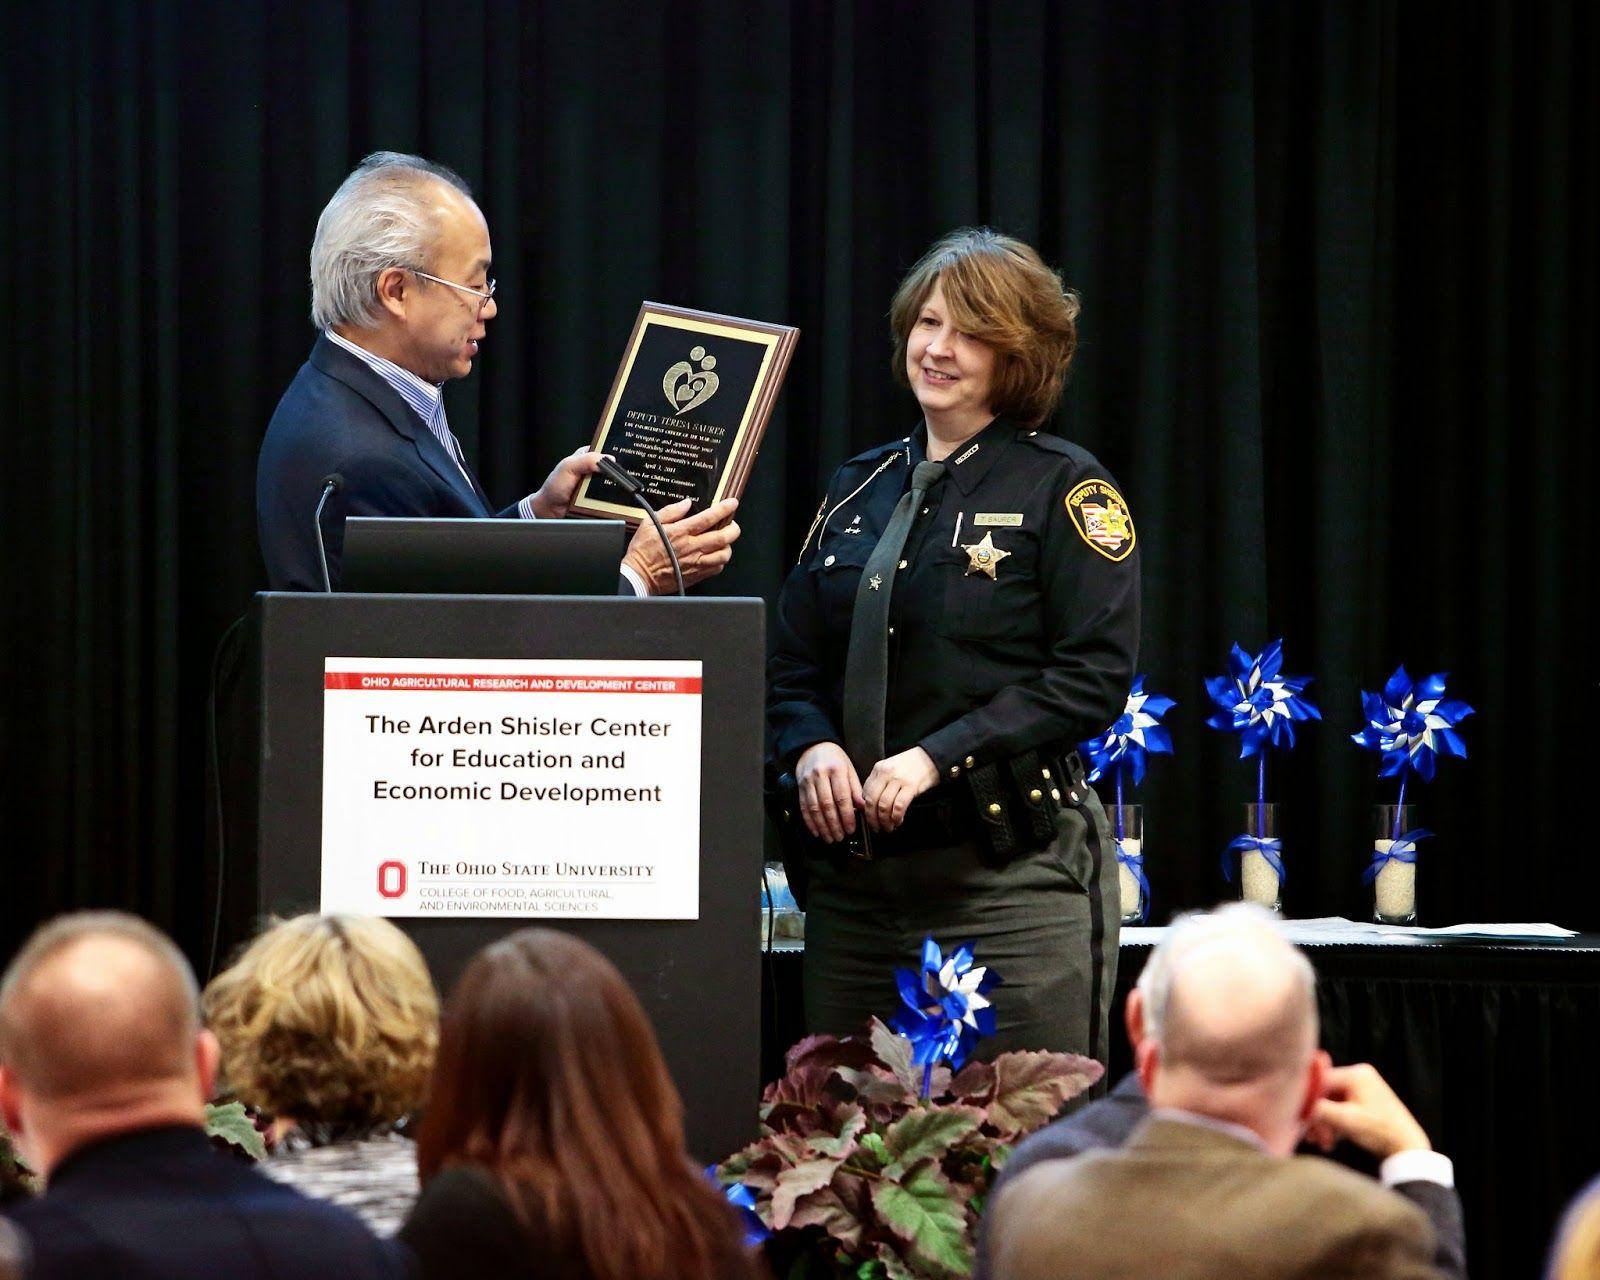 Deputy Teresa Saurer CSB Officer Of The Year Officer